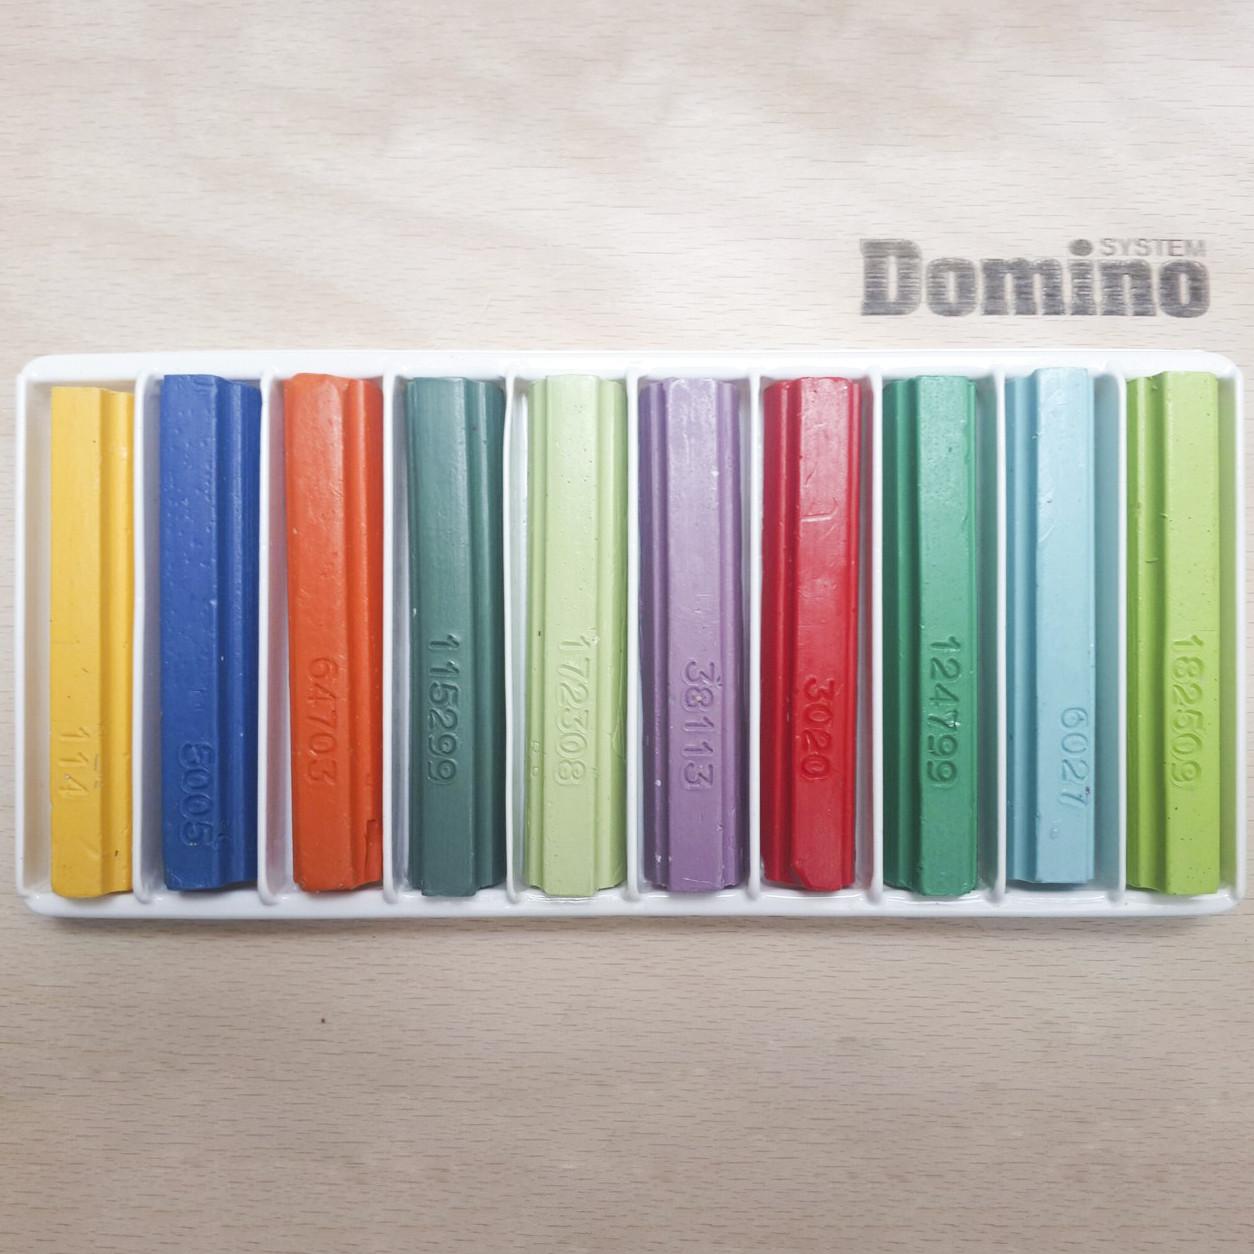 Віск меблевий м'який 10х8 см (кольорові відтінки)